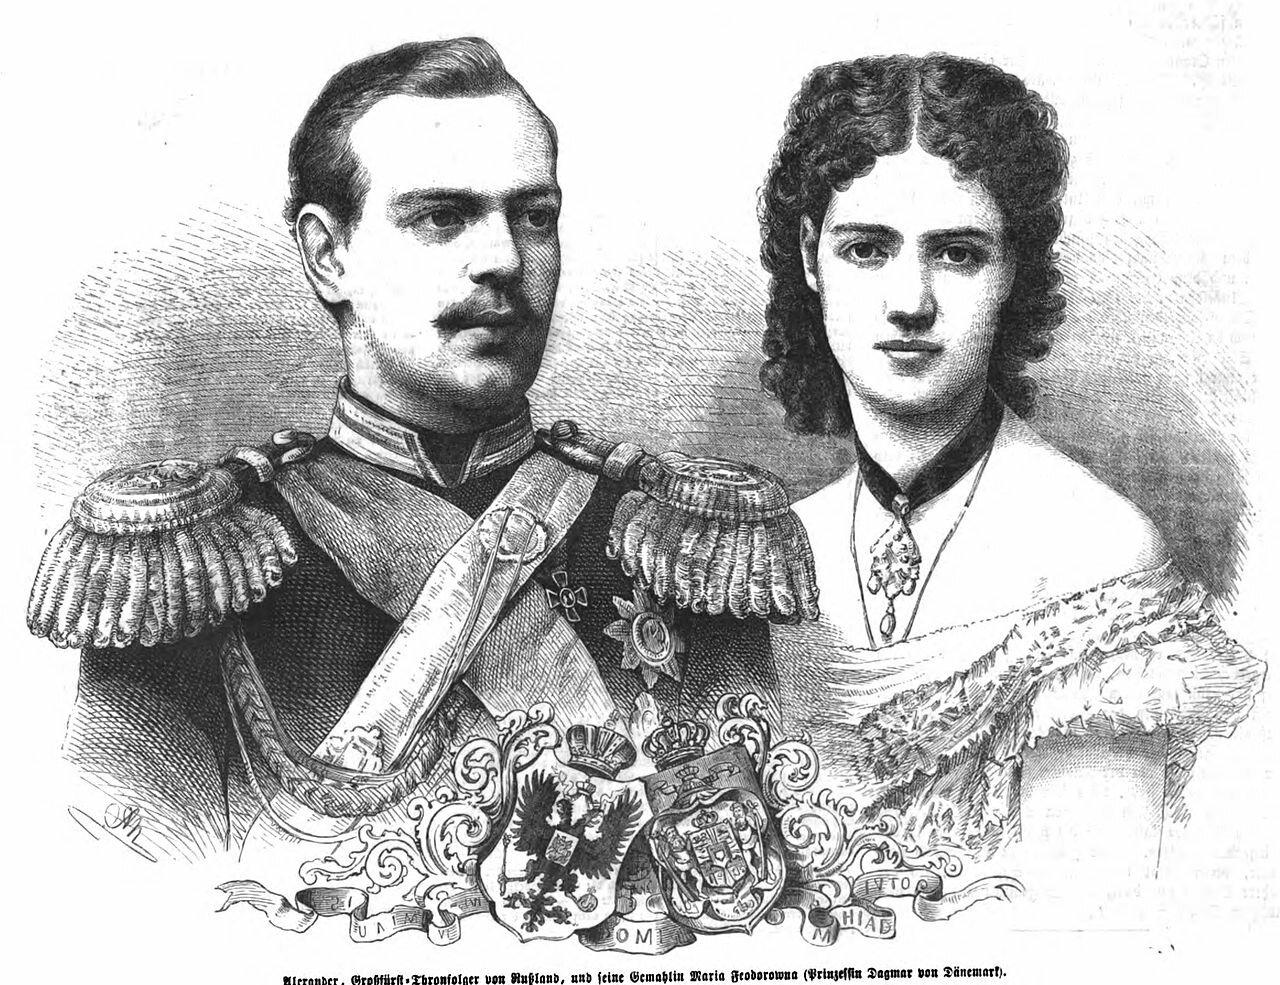 Цесаревич Александр Александрович (Будущий император Александр III) и его жена. Принцесса Дагмара Датская (великая княгиня с 1866 года -- и с 1881 года императрица-- Мария Федоровна),  Работа 1866,  художник Адольф Нойман(1825-1884)